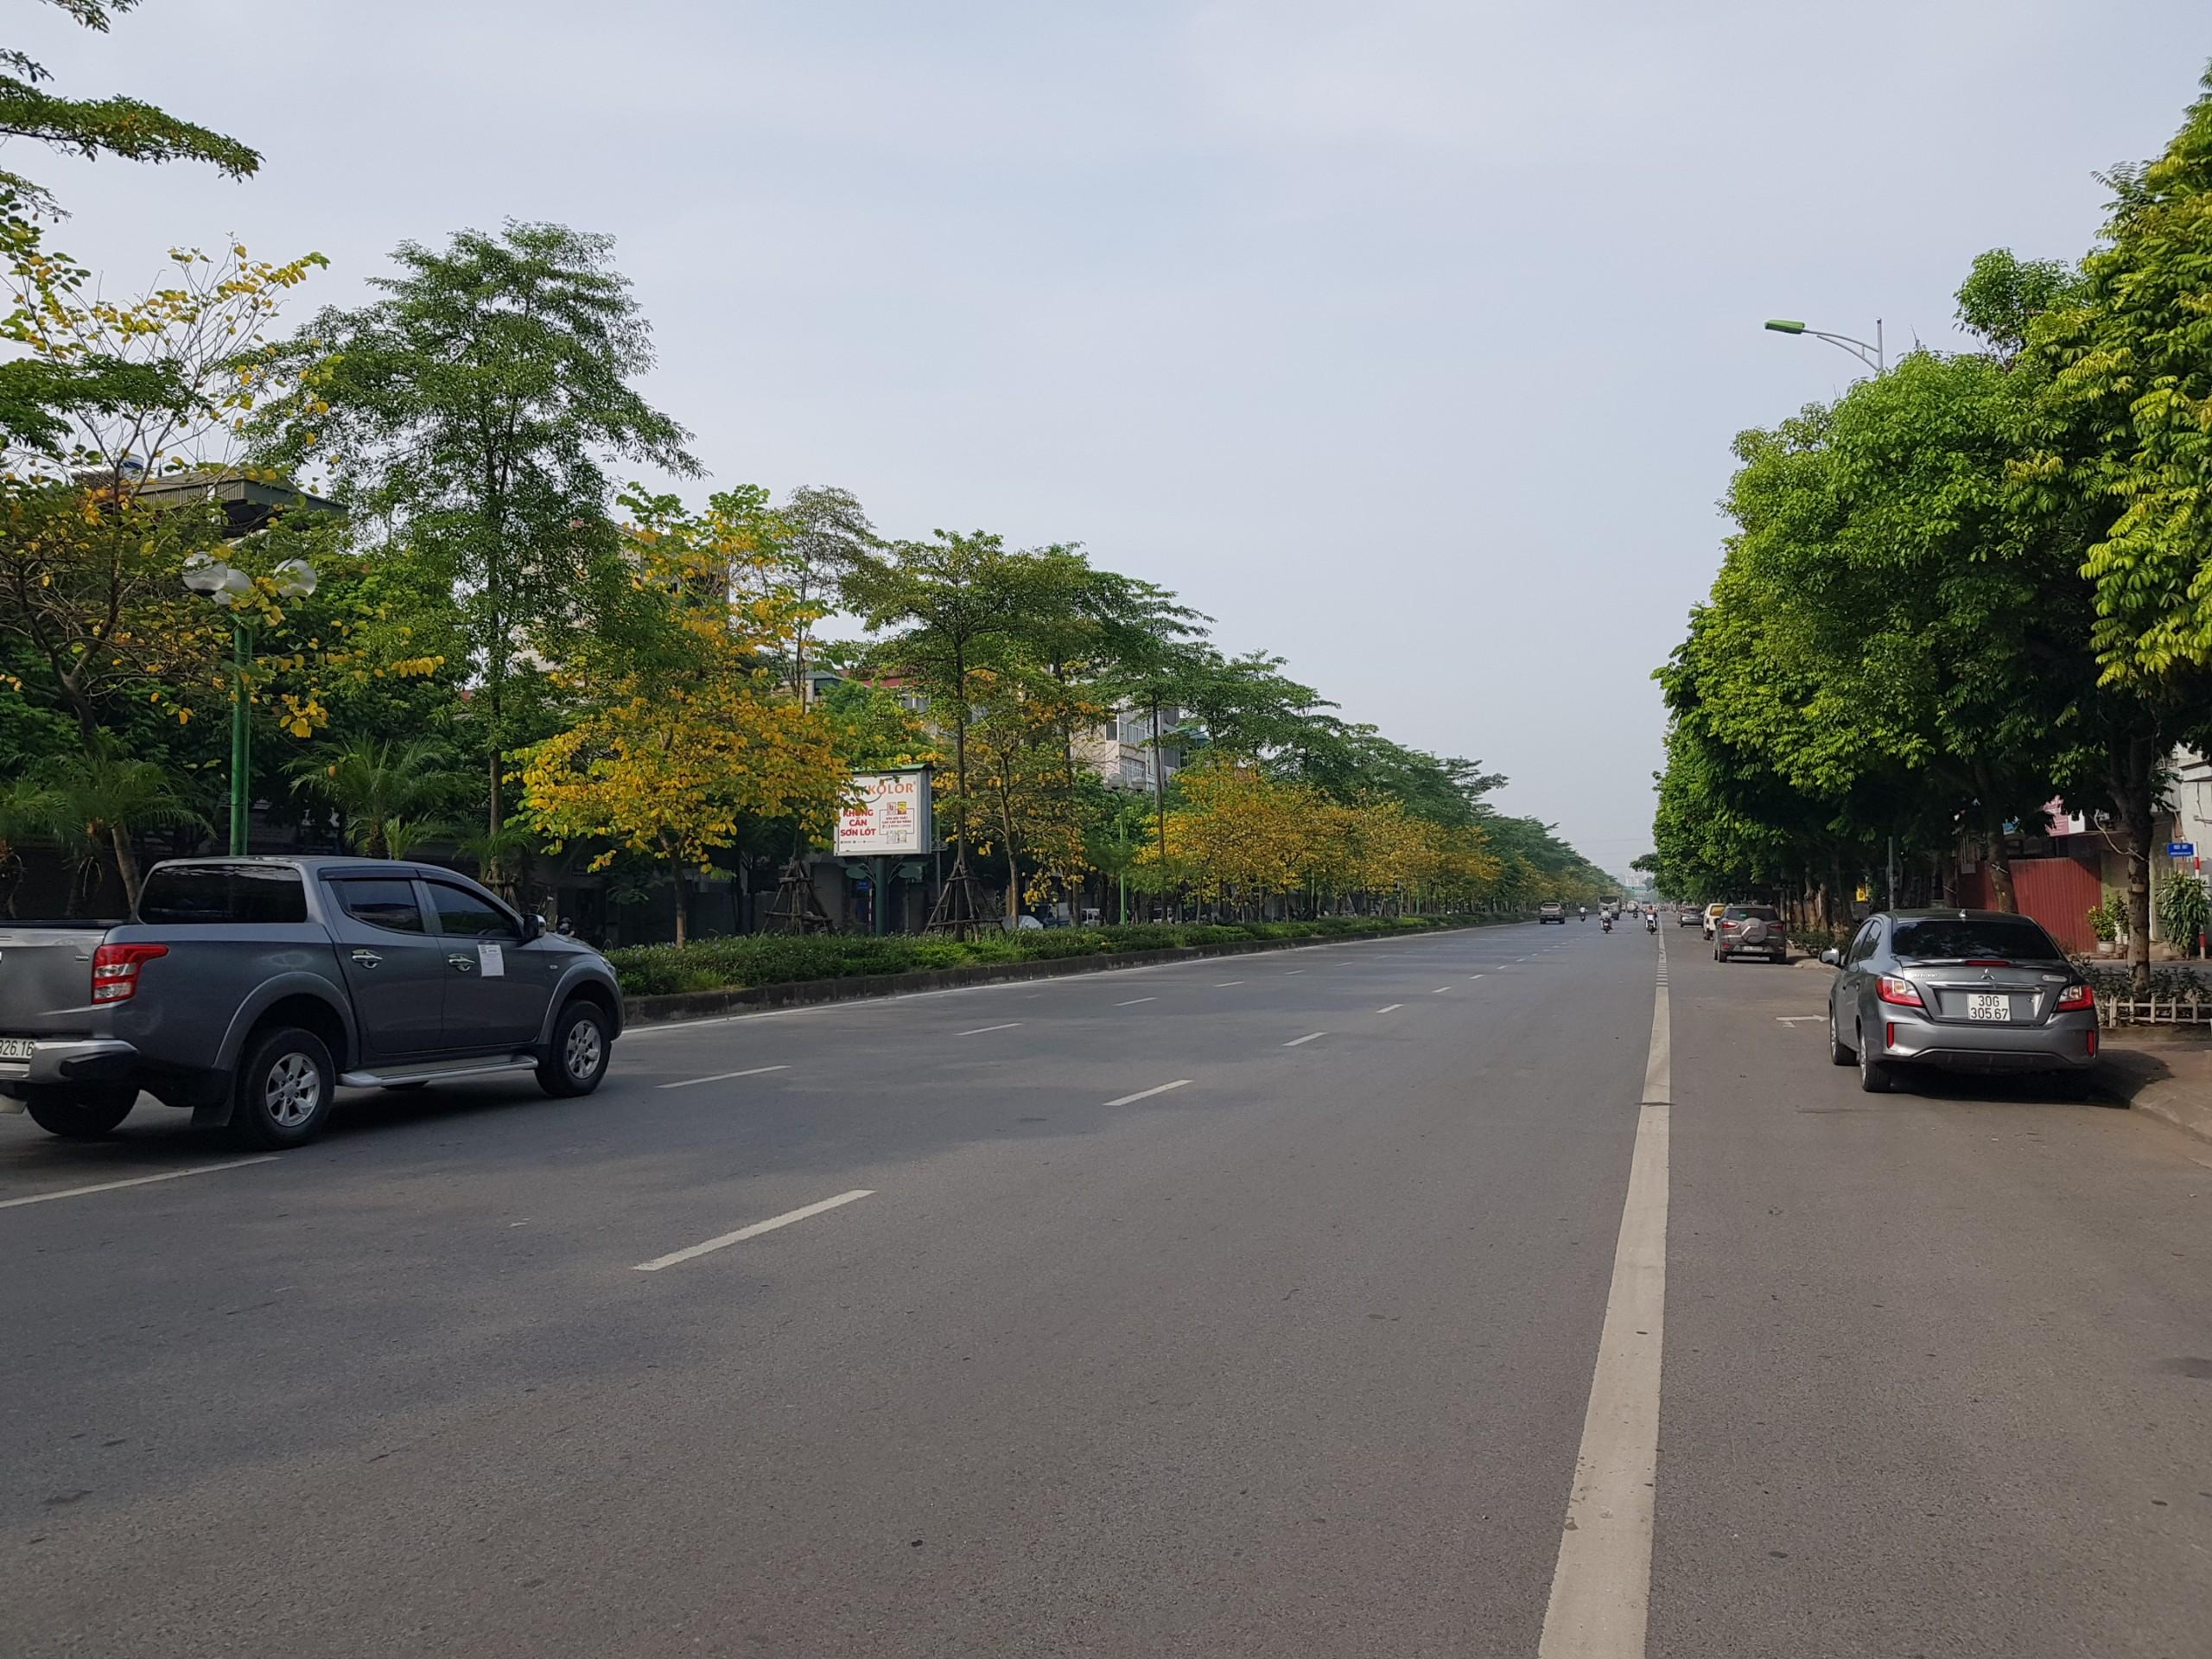 Ngô Gia Tự là tuyến phố lớn và kinh doanh bậc nhất tại Hà Nội 2021